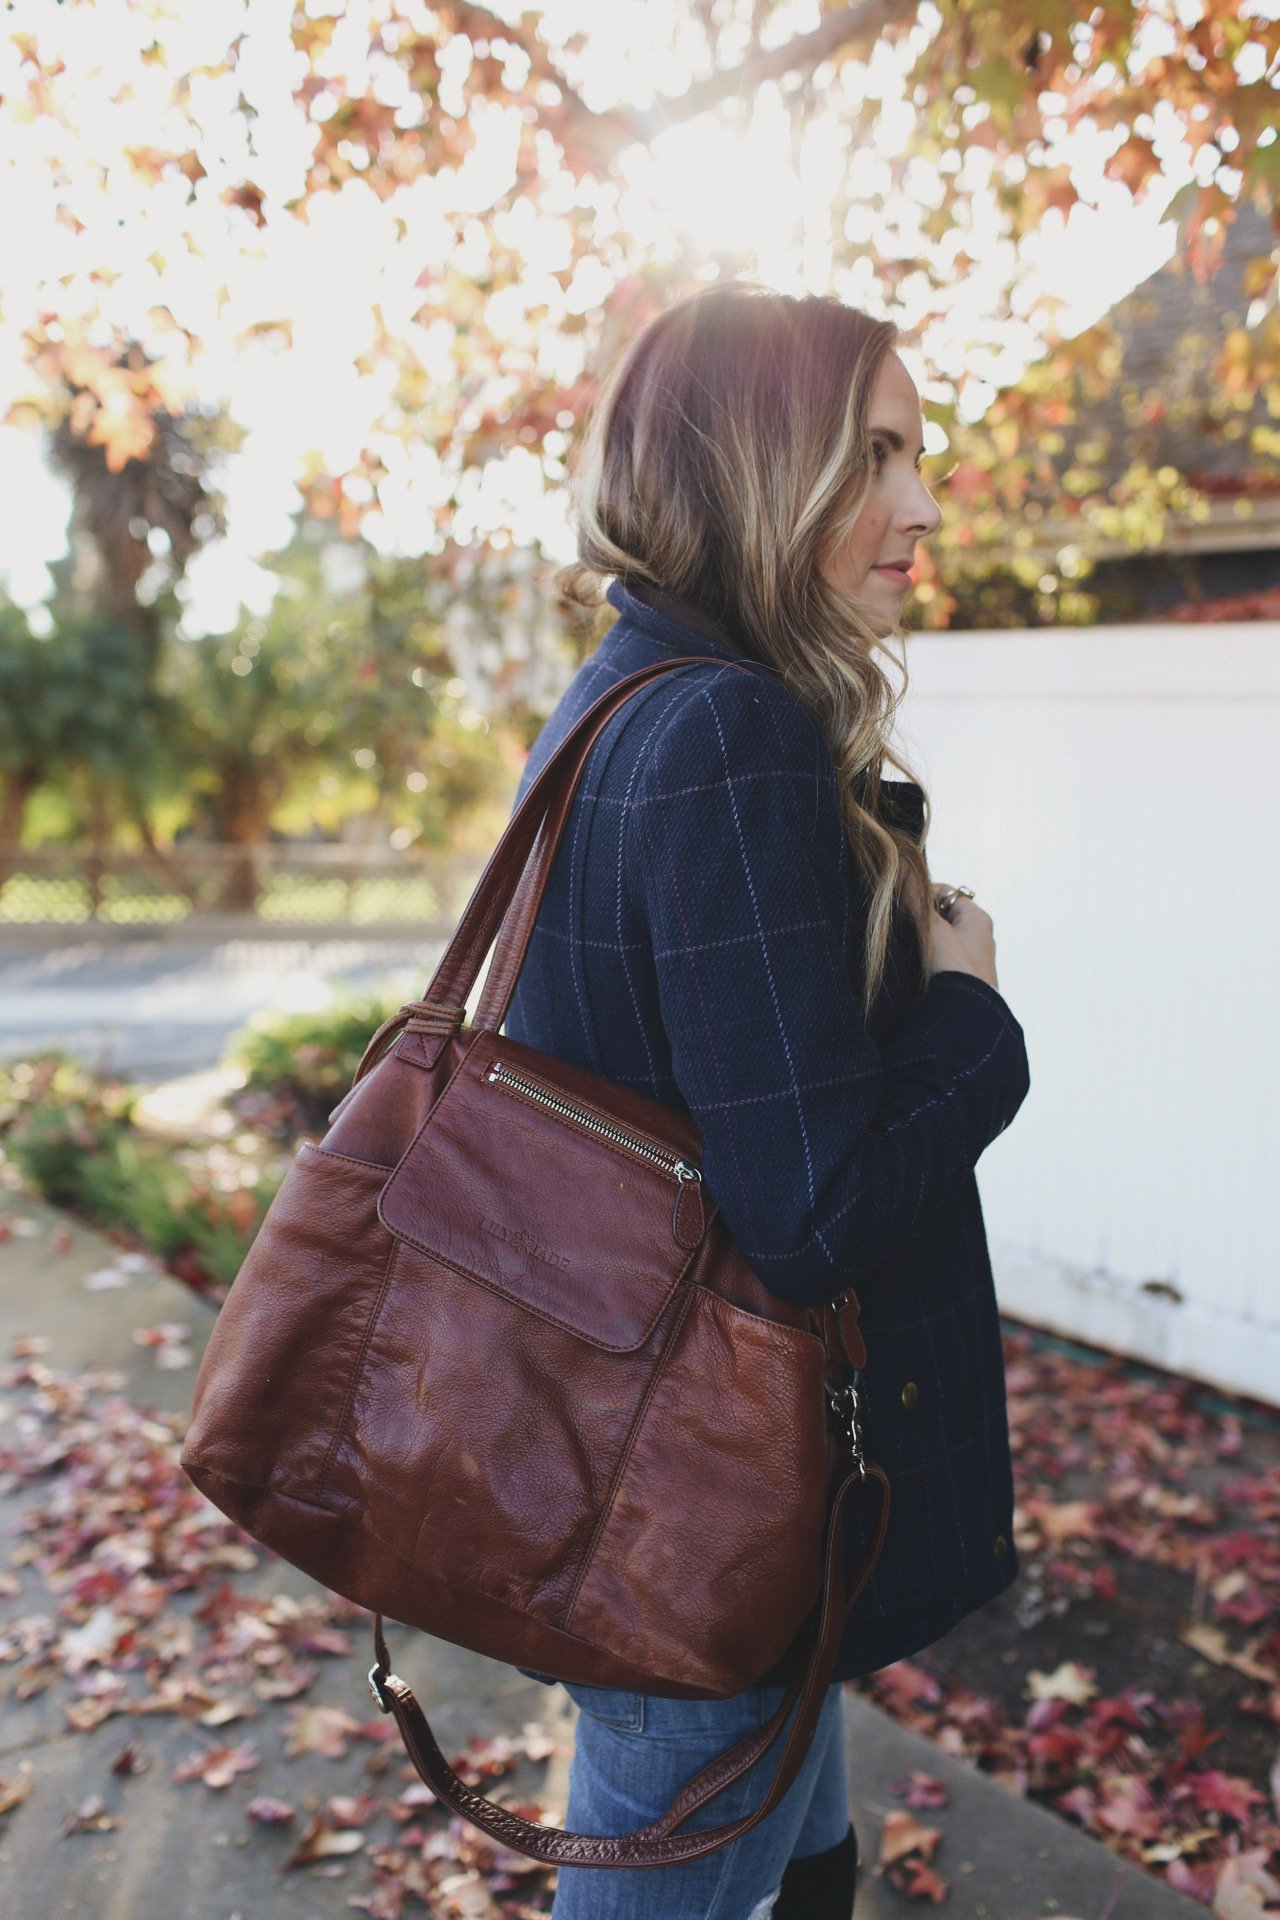 Merrick's Art Lily Jade Madeline Bag